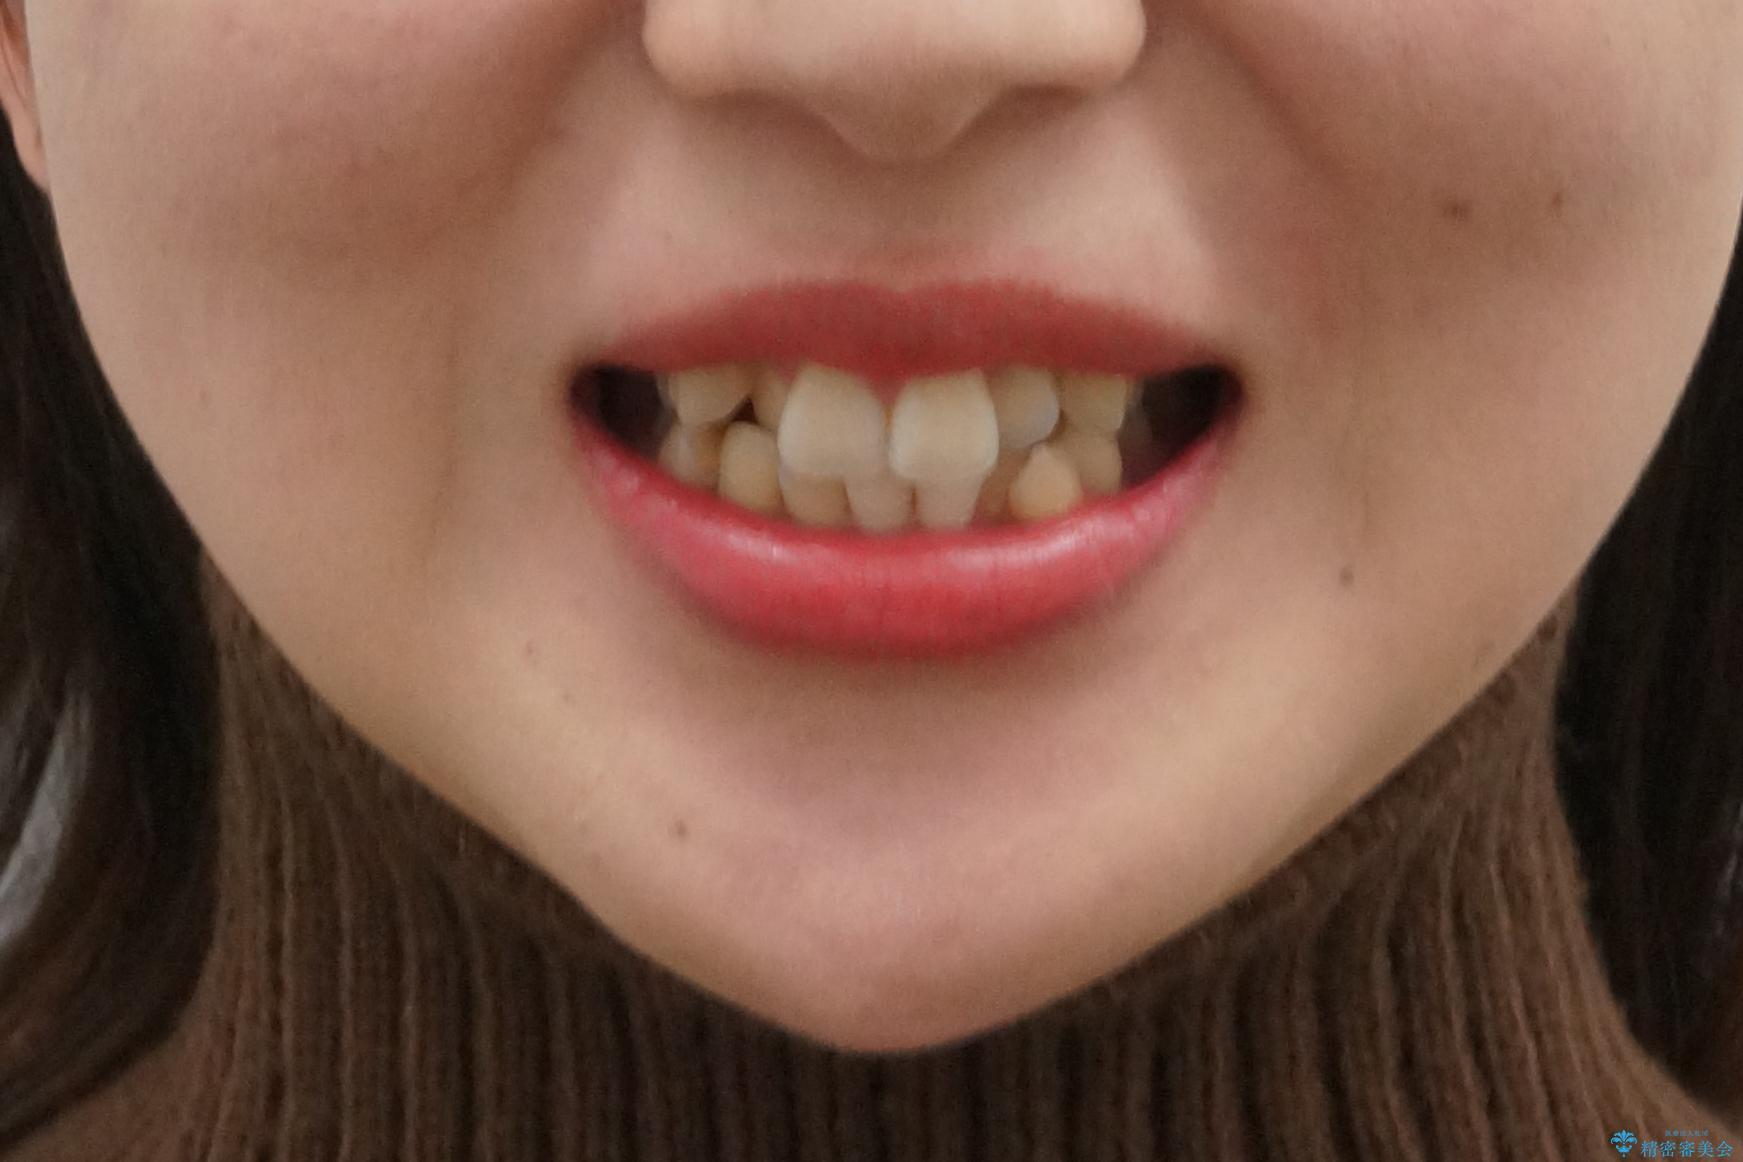 美容整形よりも、自然な美しさを。口元は大事です。の治療前(顔貌)